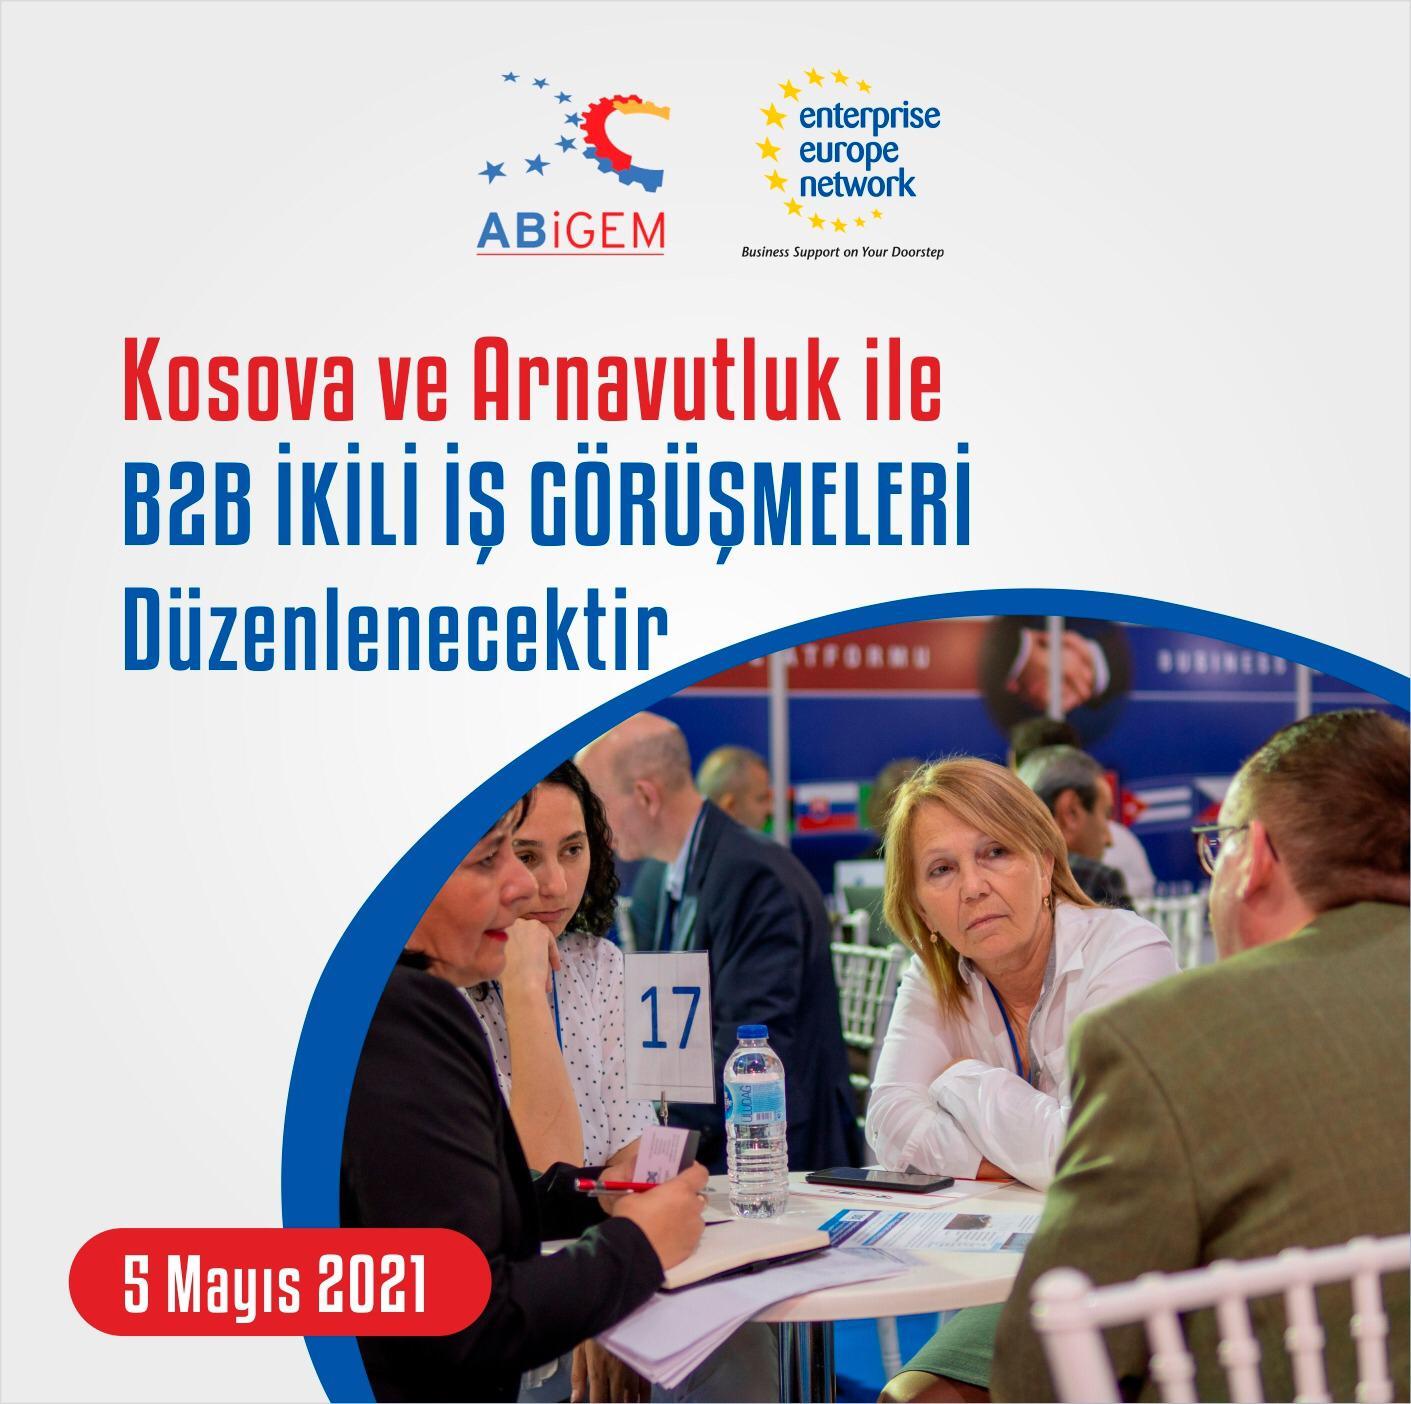 Kosova ve Arnavutluk ile B2B ikili iş görüşmeleri düzenlenecek